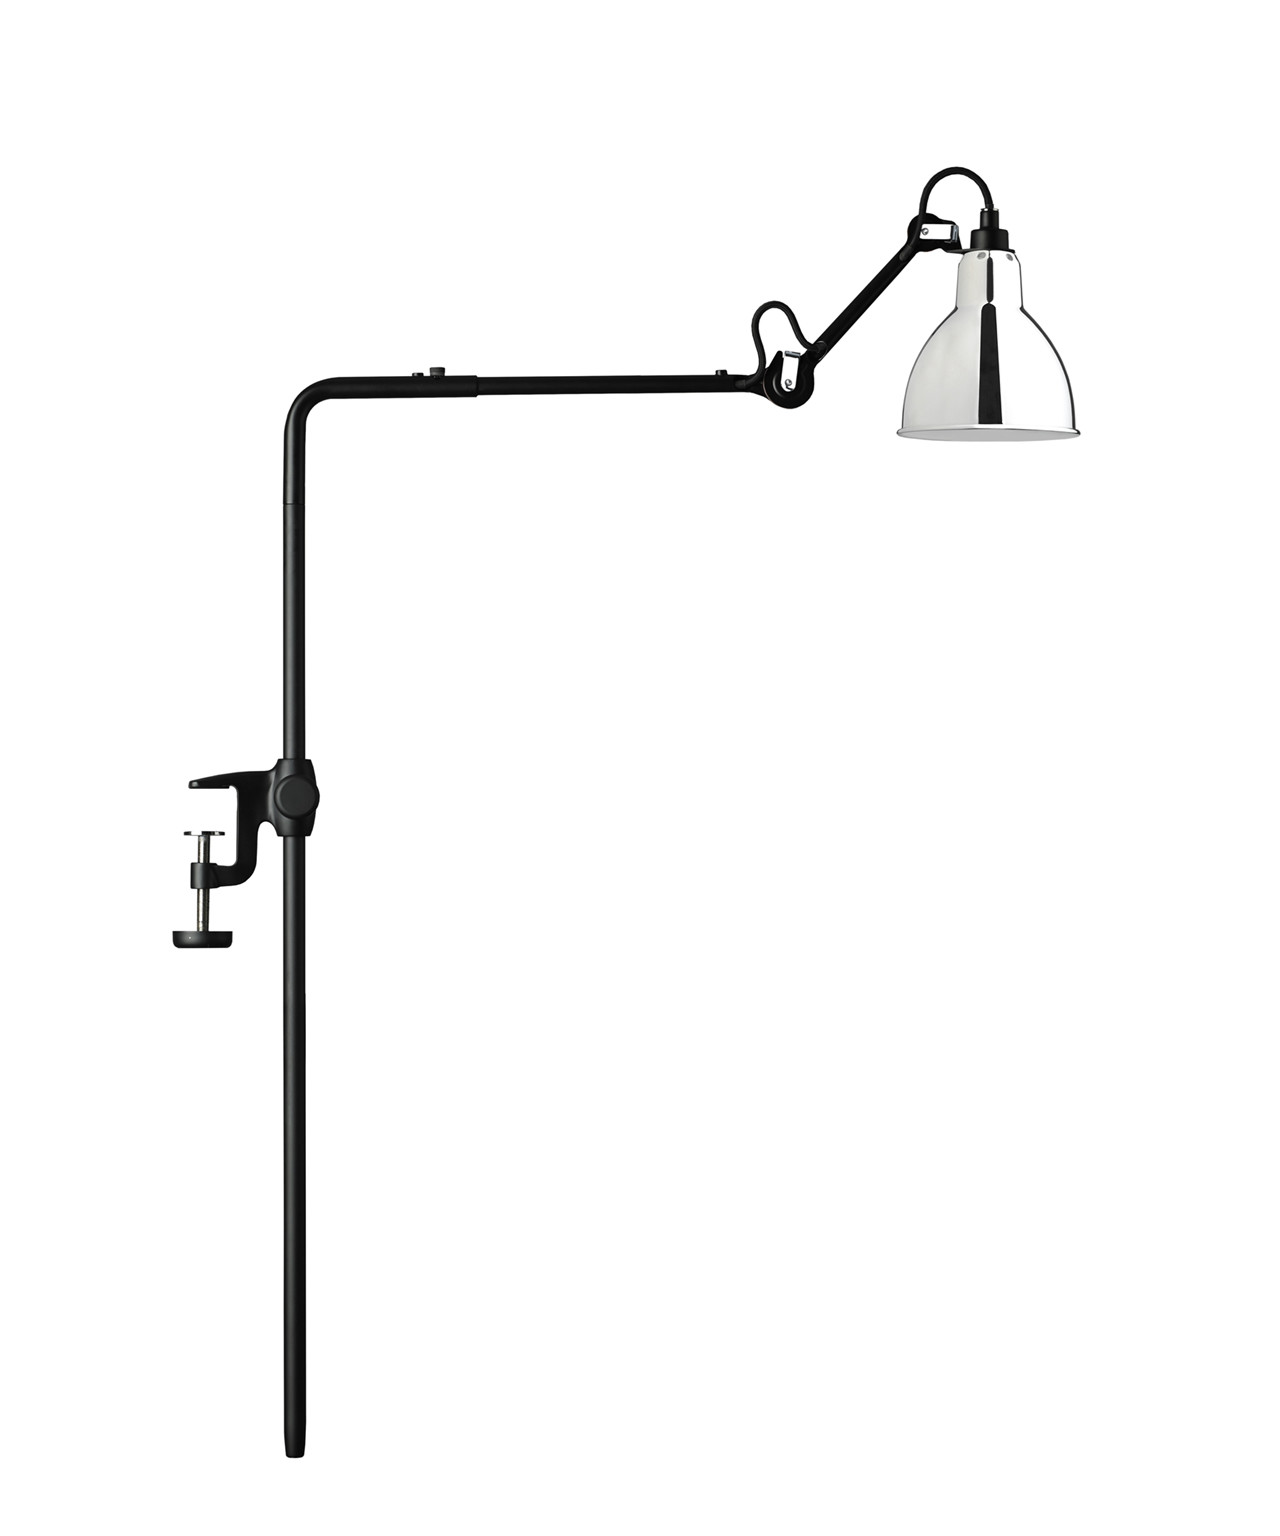 Image of   226 Bordlampe/Reol Lampe Krom - Lampe Gras